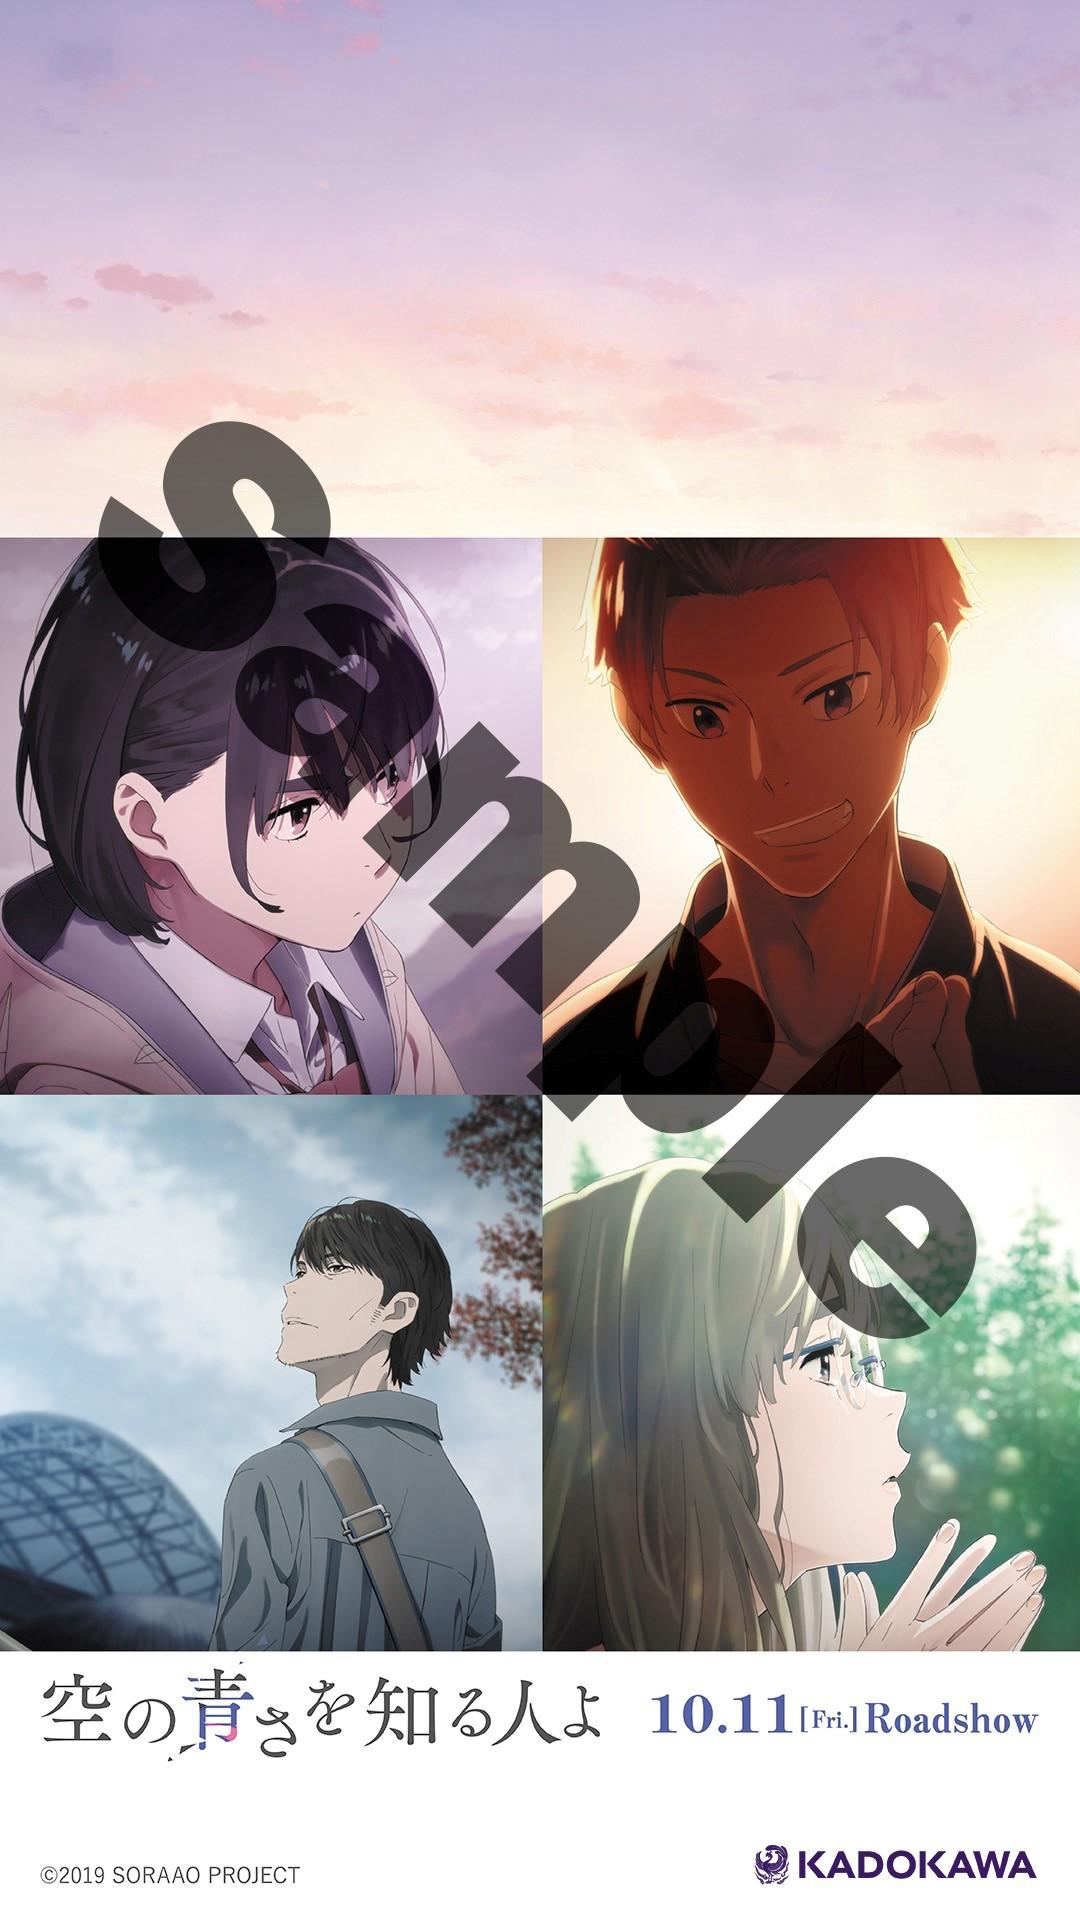 映画プレスシート (C)2019 SORAAO PROJECT